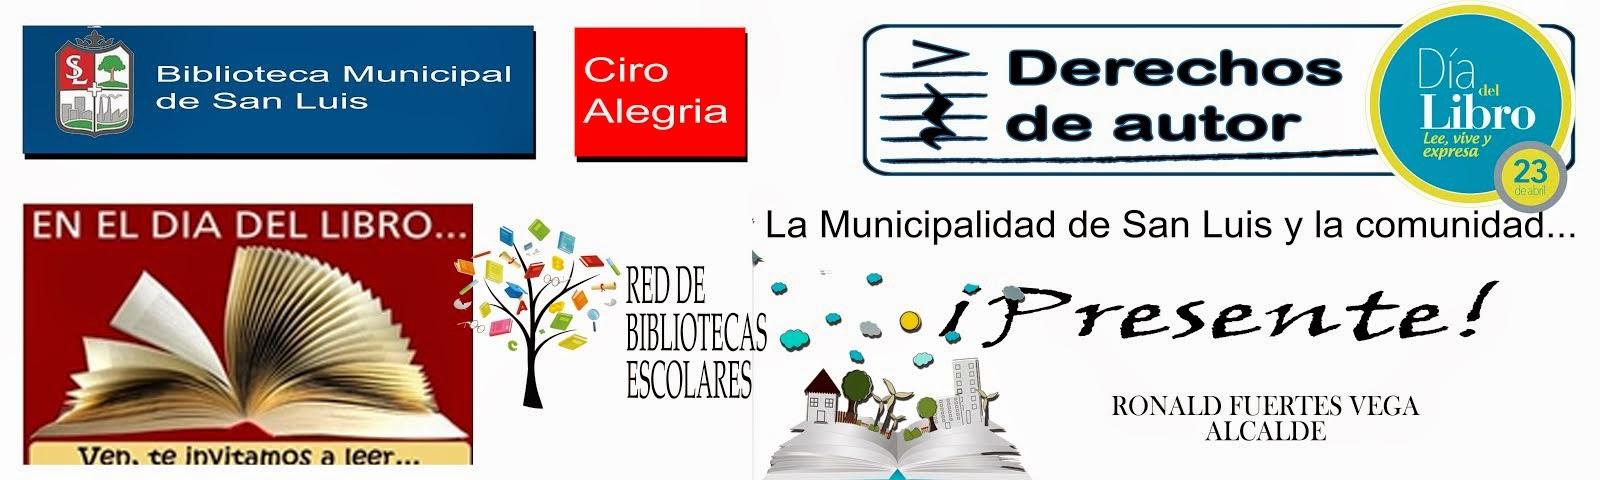 Día del Libro, del Idioma y Derechos del Autor